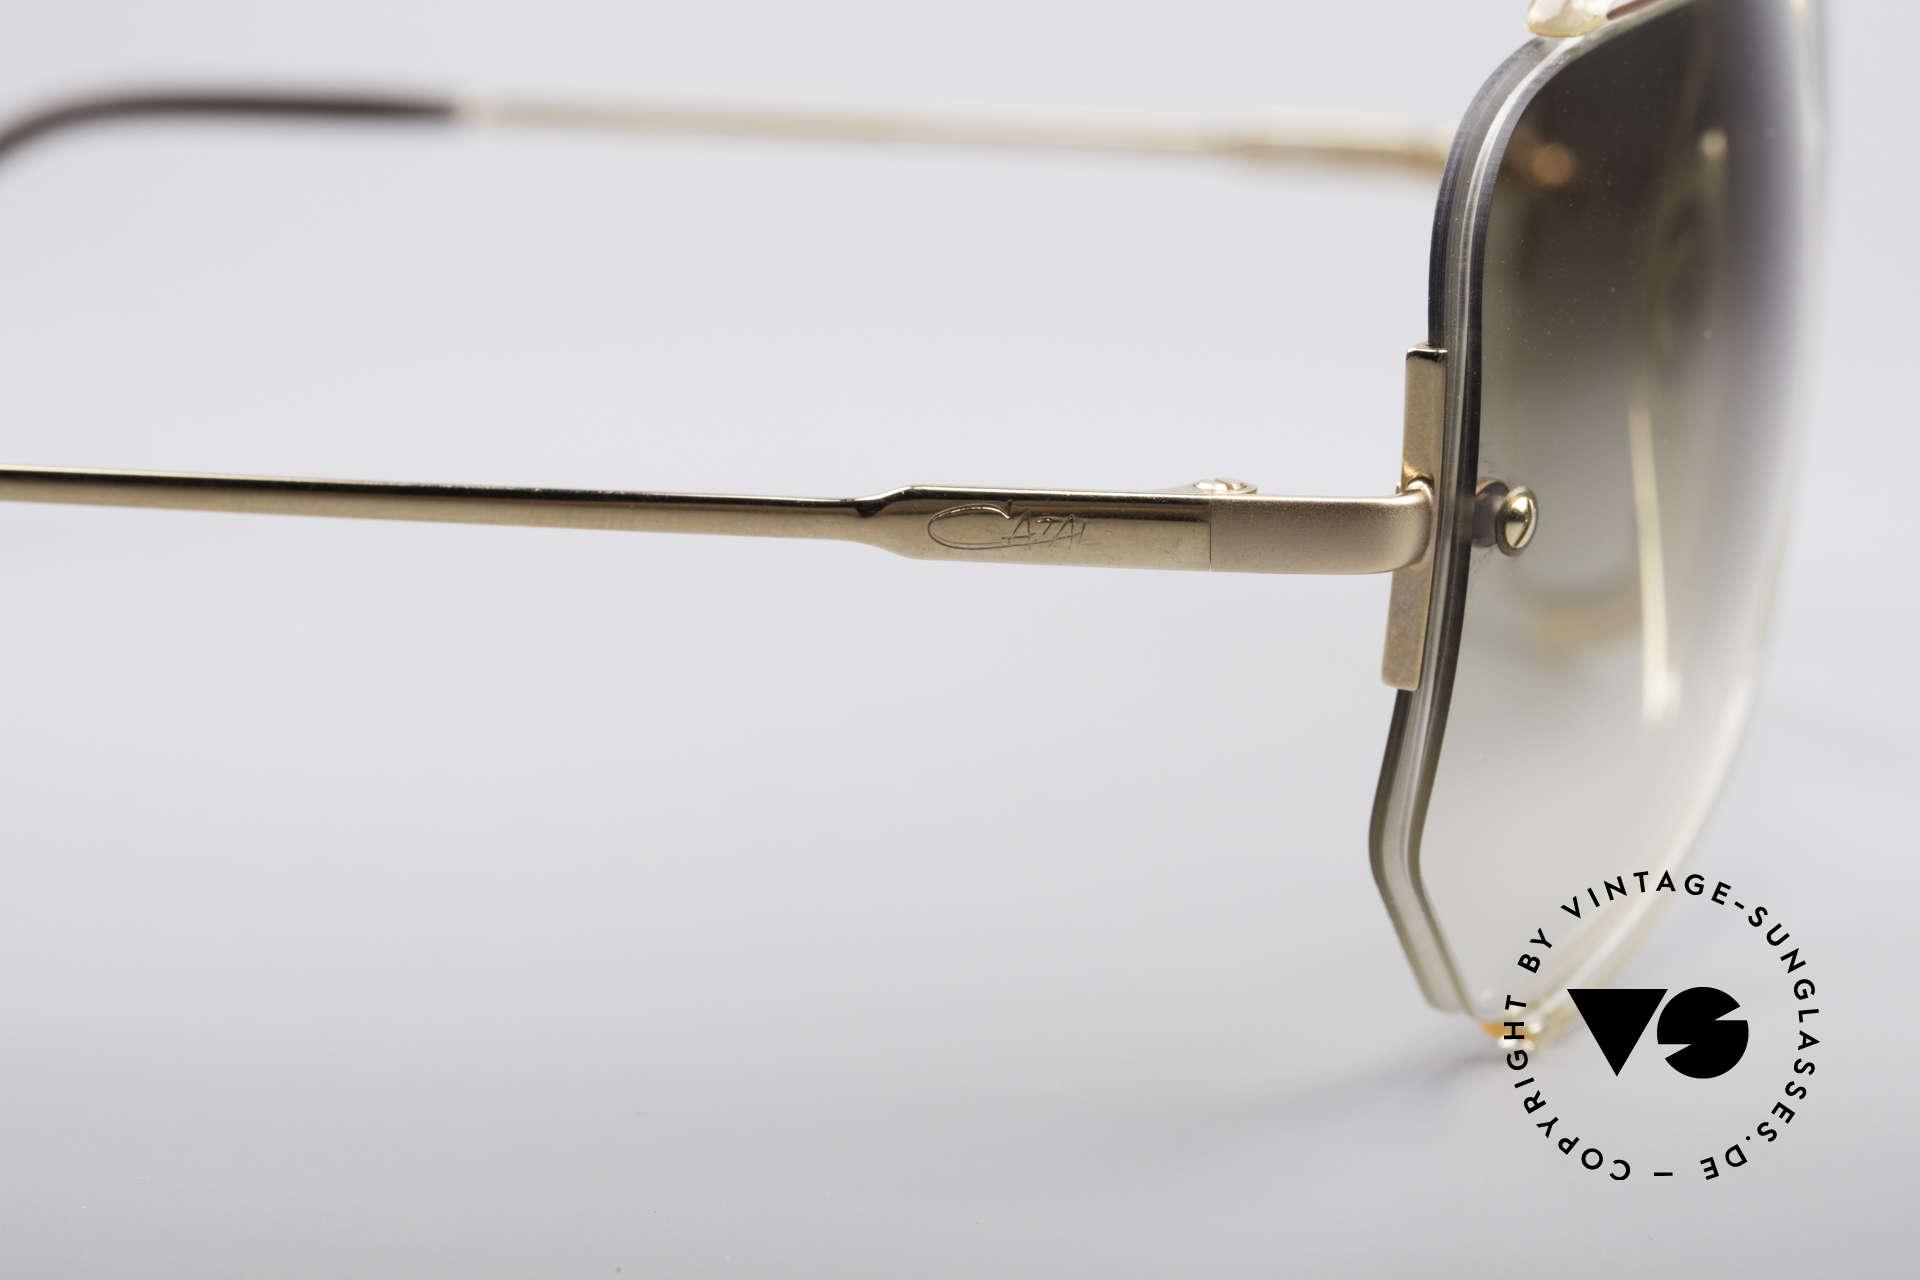 Cazal 850 Old School 80er Sonnenbrille, ungetragenes Einzelstück (inkl. Hartetui von Cazal), Passend für Herren